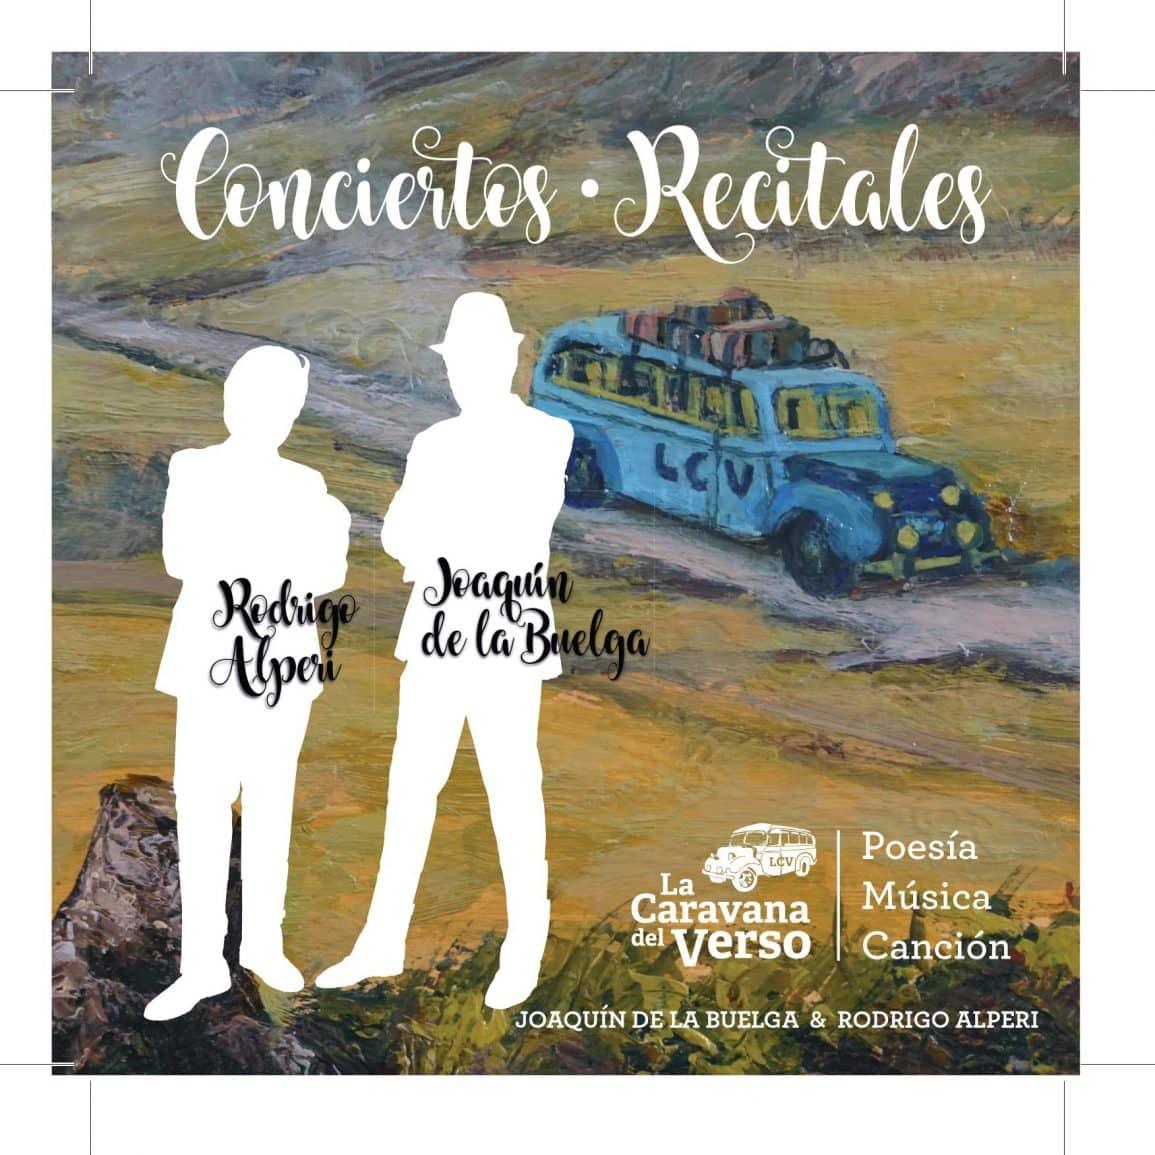 Concierto en Directo – Sábado 1 de Abril – Santa Cecilia – Avilés